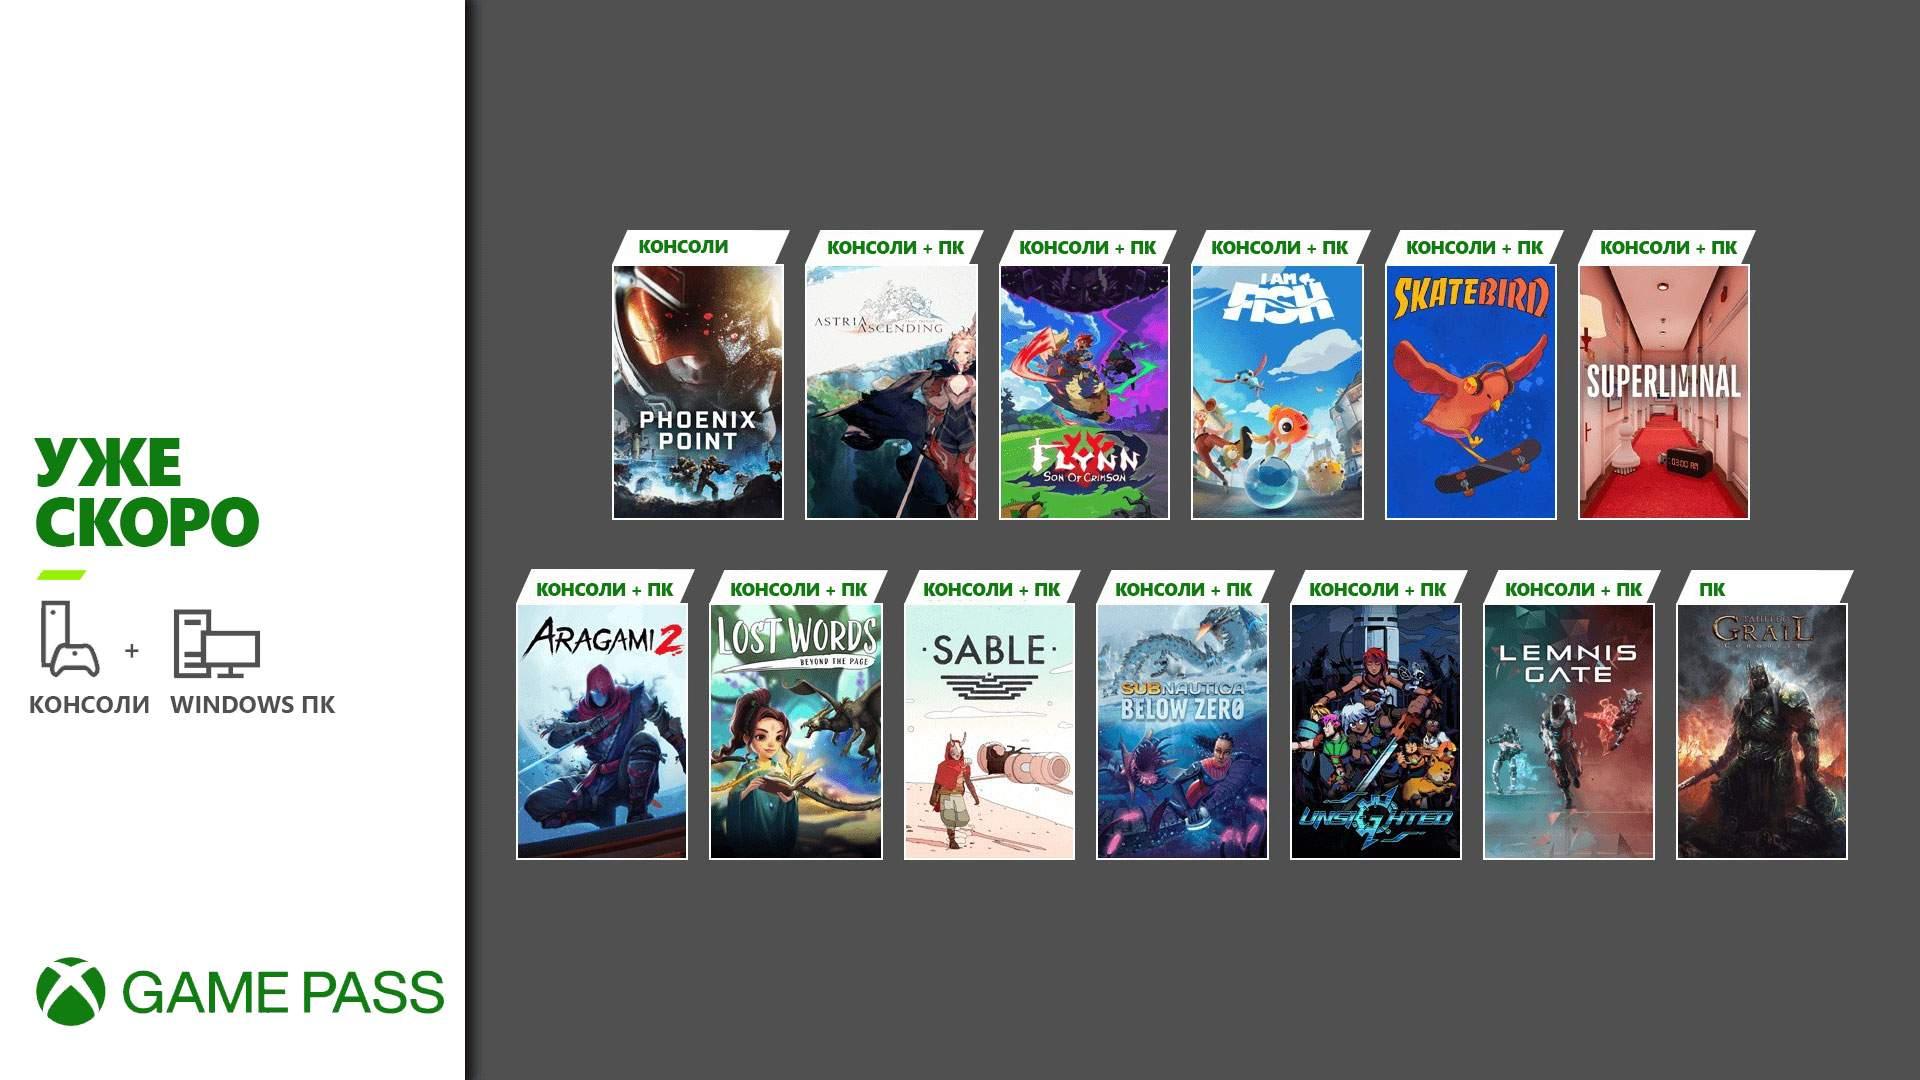 Superliminal, Subnautica: Below Zero и Phoenix Point — новая подборка игр Xbox Game Pass